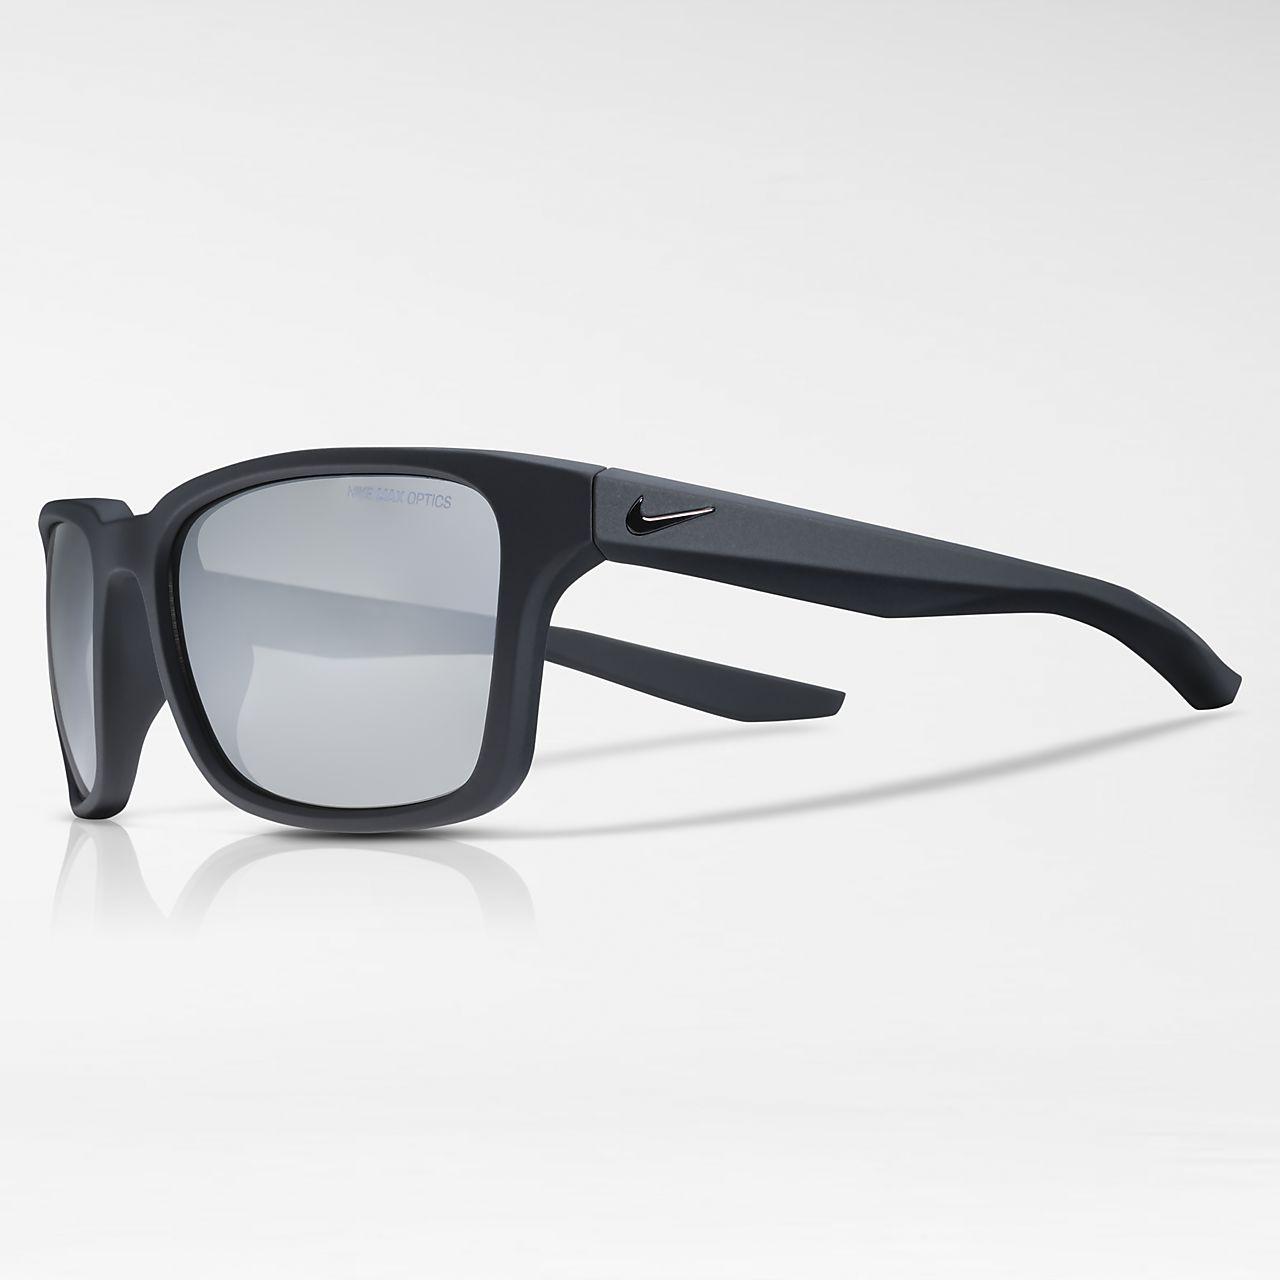 Nike Essential Spree Sonnenbrille - Schwarz 1aNyl7